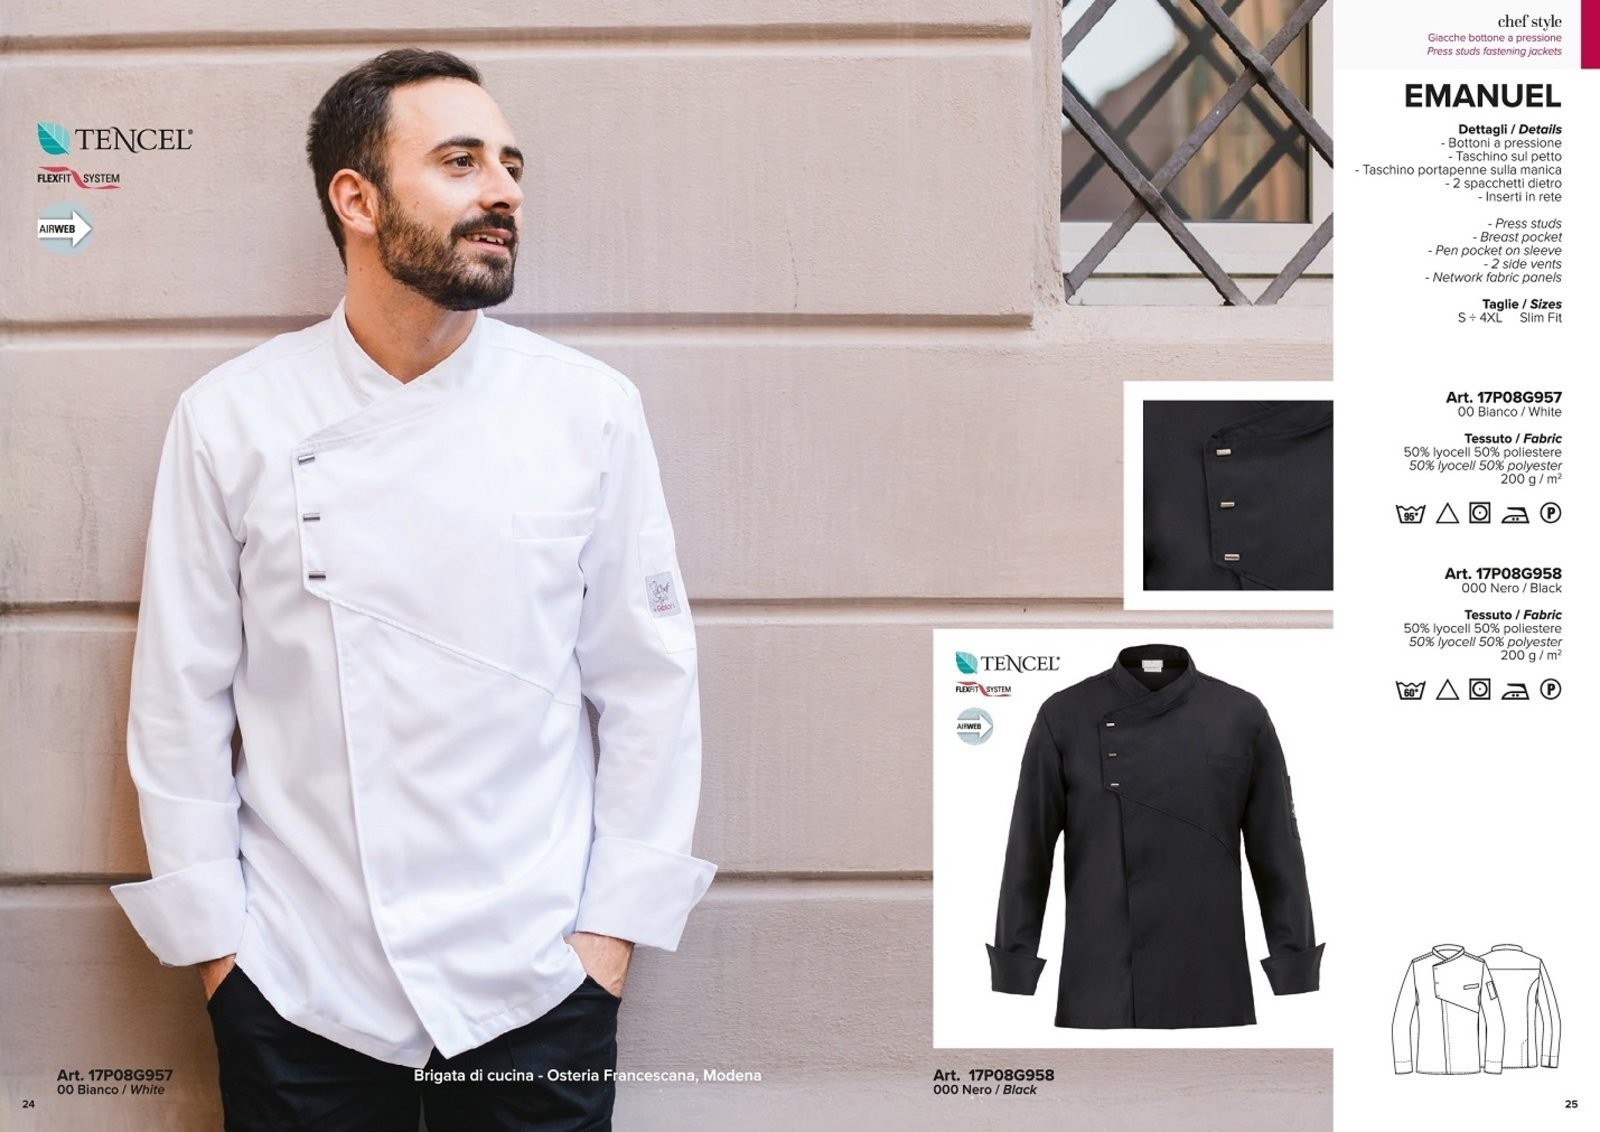 ... Giacca Cuoco Chef Bianca o Nera EMANUEL Possibilità di  Personalizzazione con Nome Ricamato Giblor s Art. ... 8015258046ed